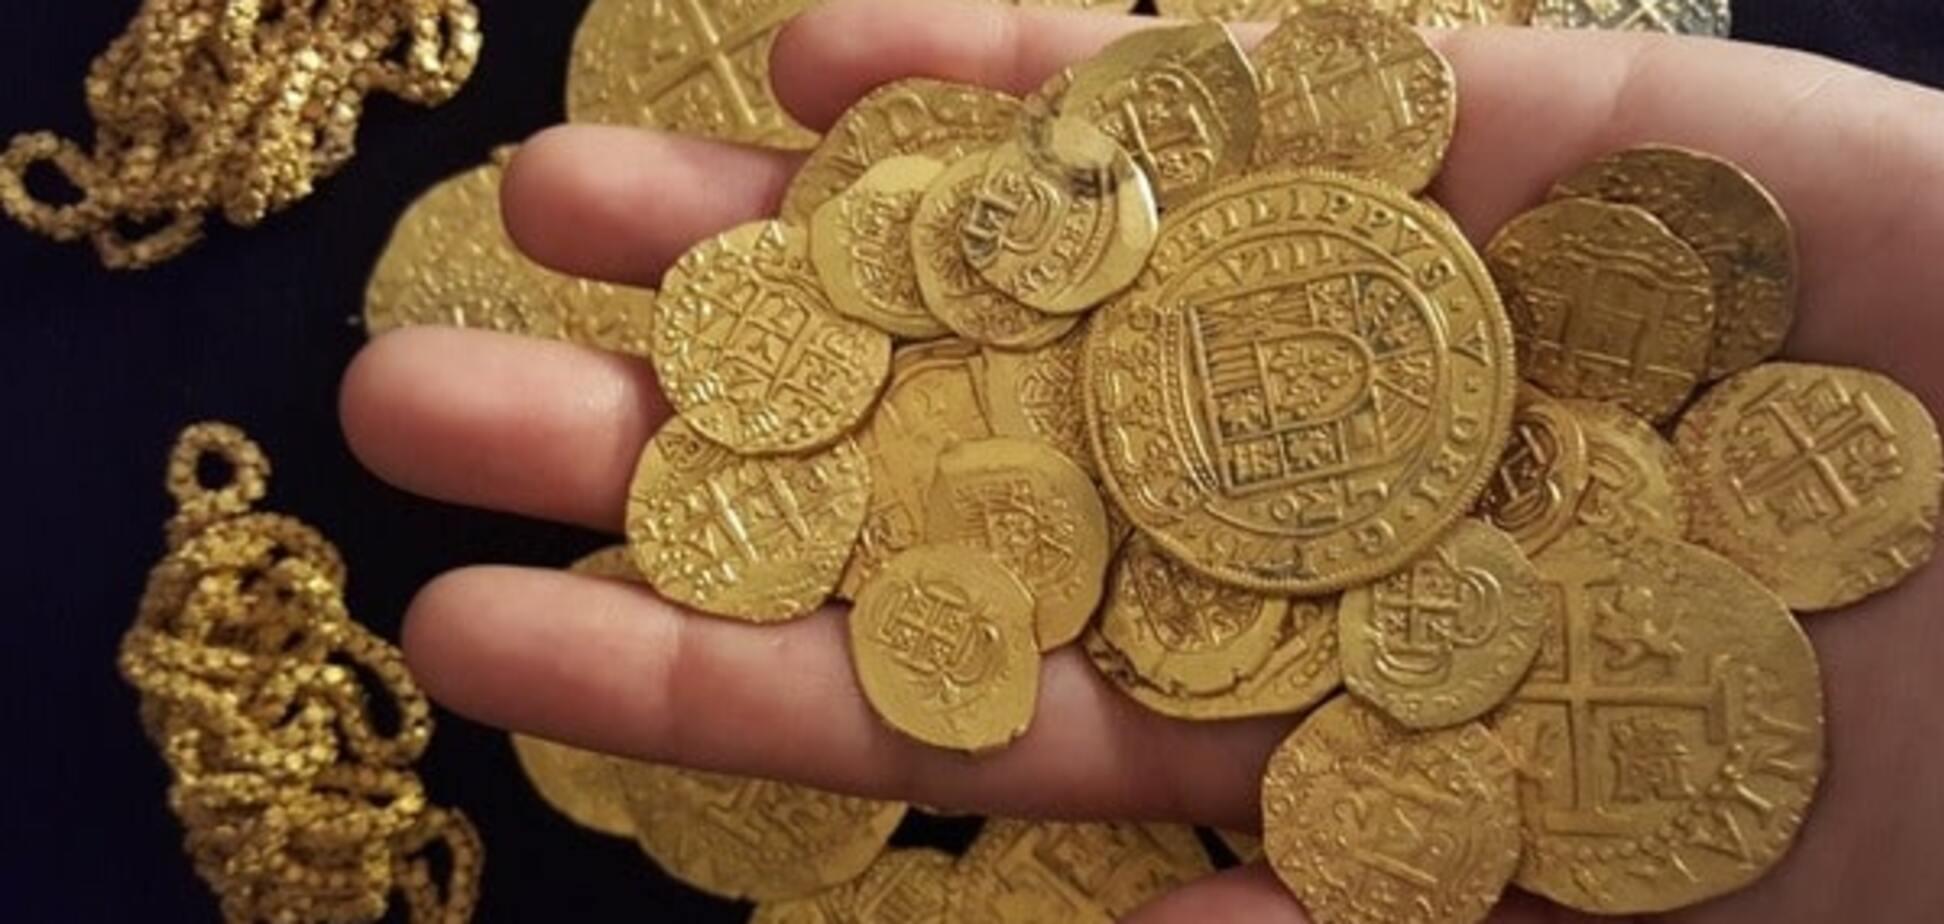 Біля берегів Колумбії знайдено скарб на 1,5 мільярда доларів